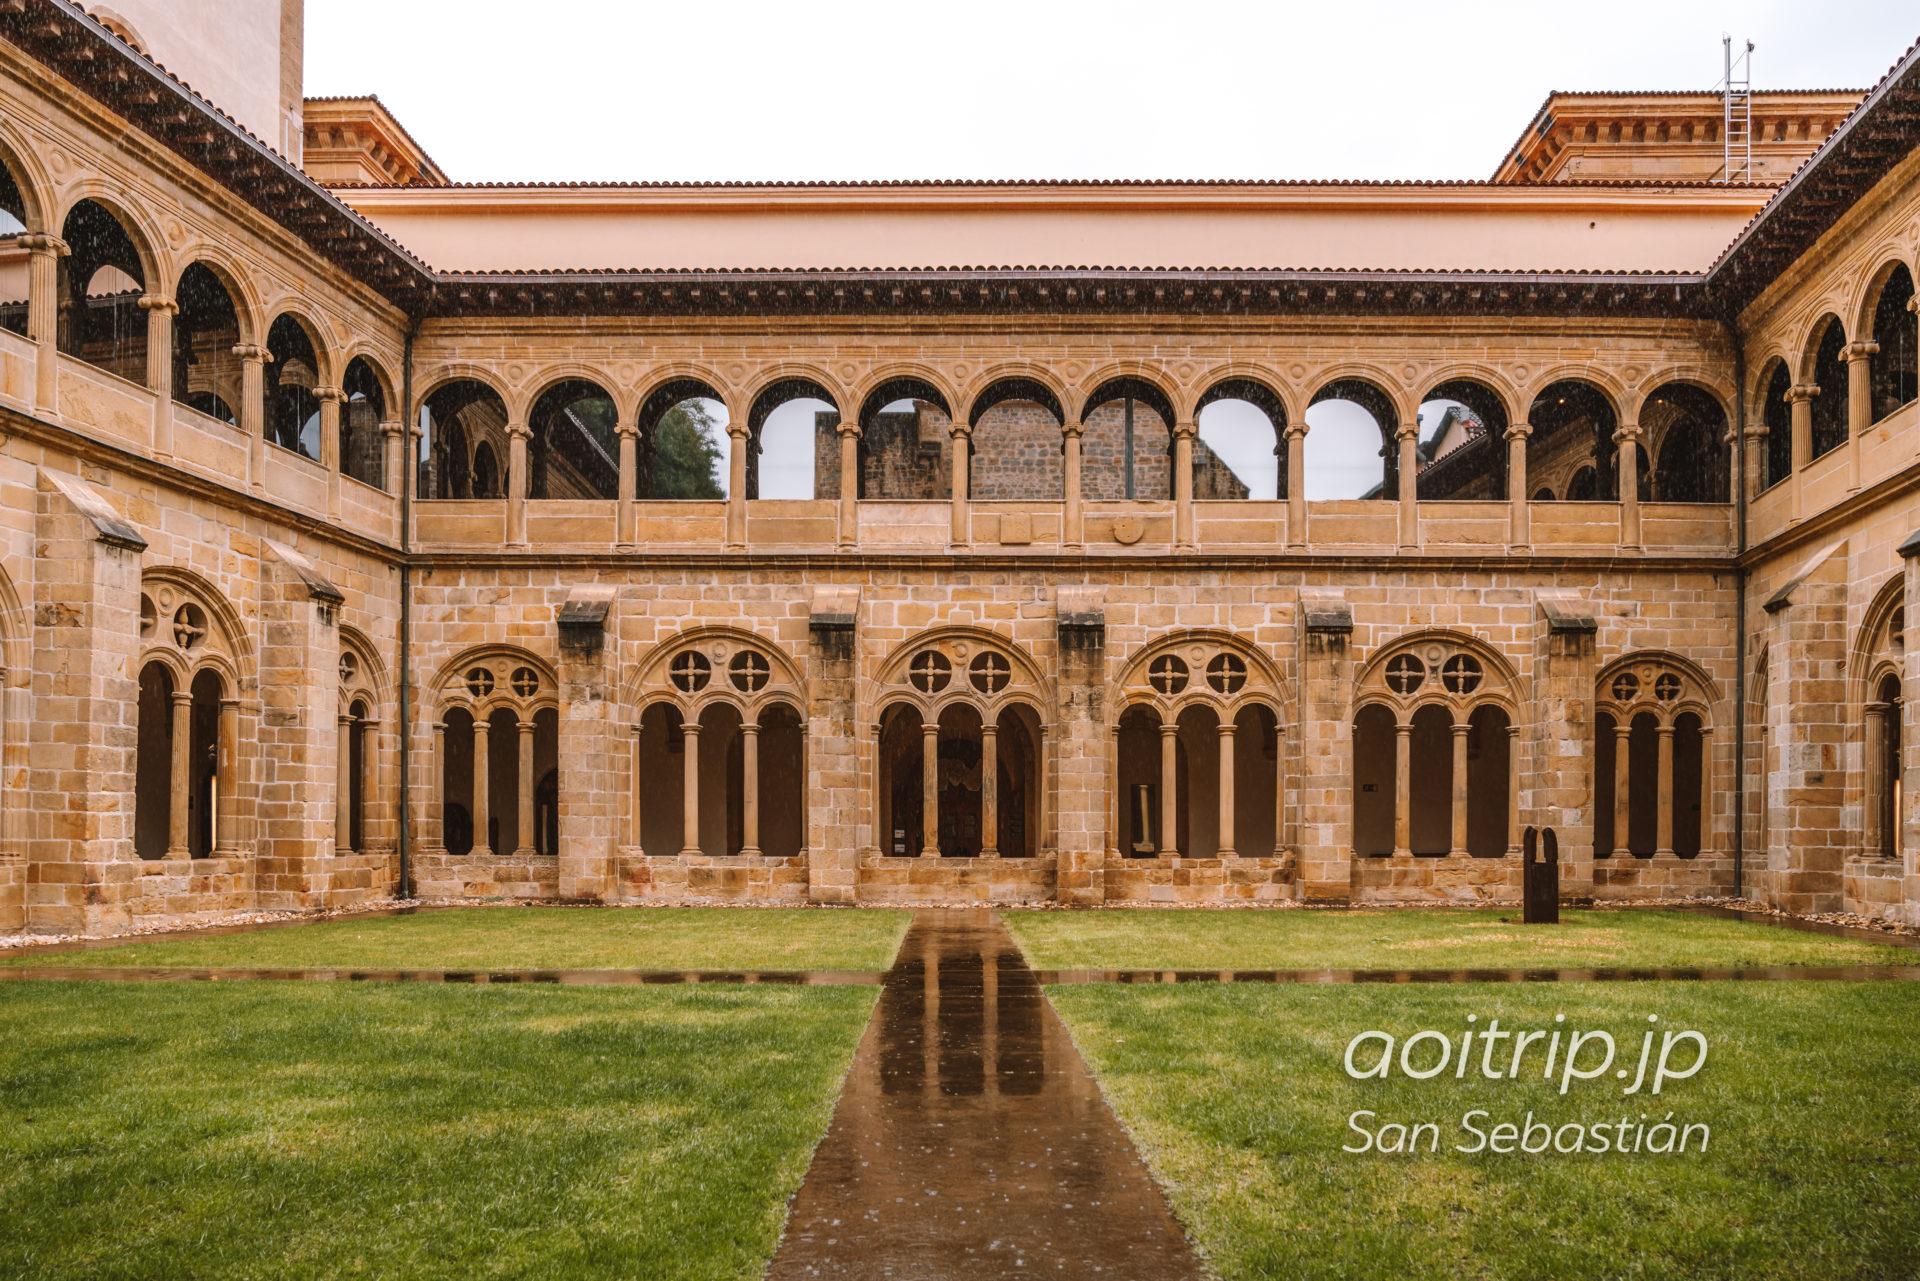 サンセバスティアン サンテルモ博物館